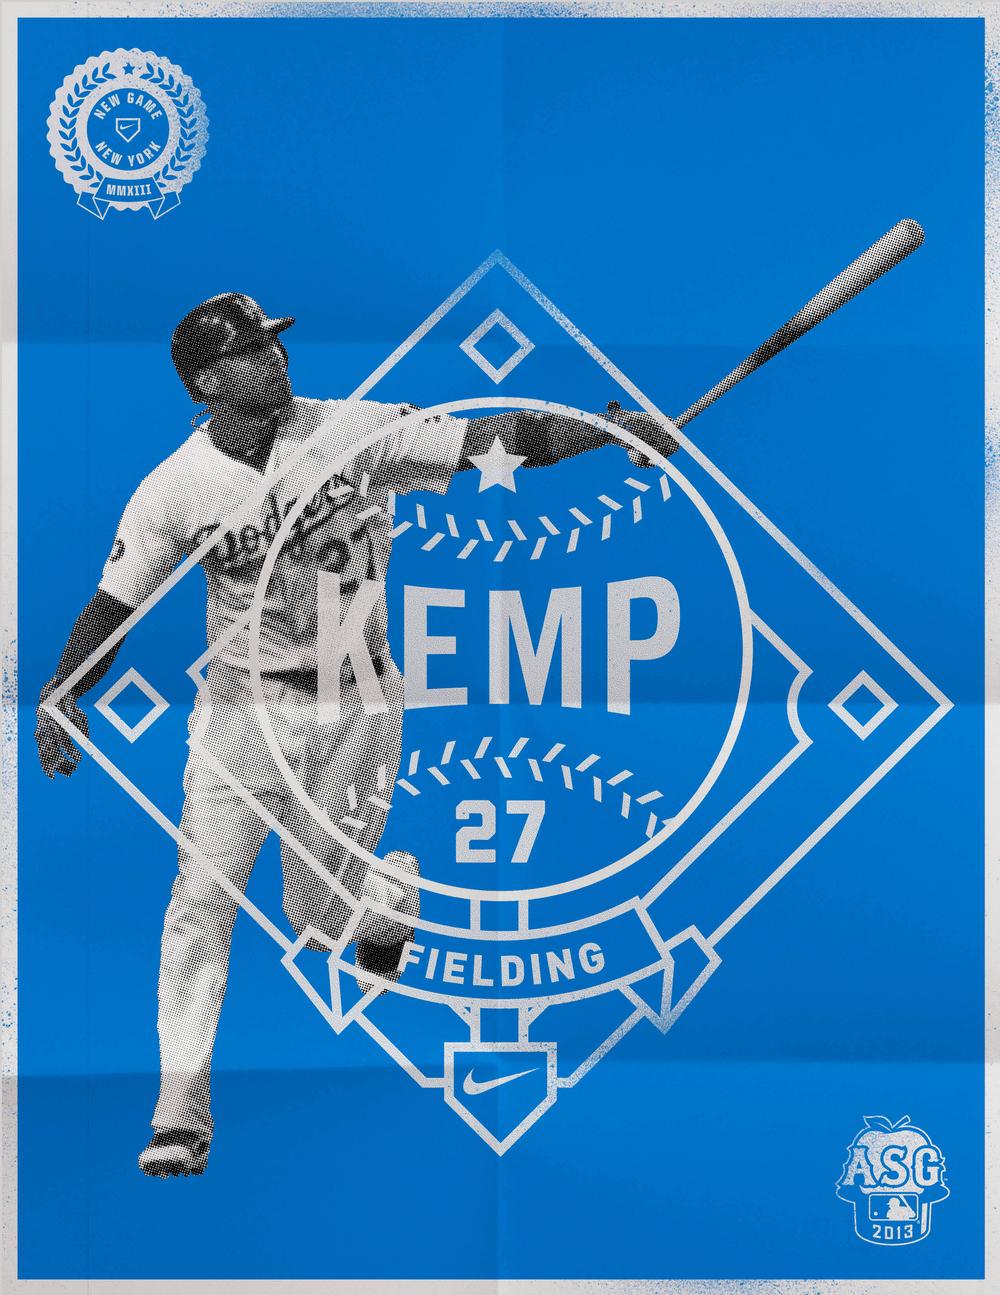 NIKE_MLB_FANFEST_007_rt.jpg